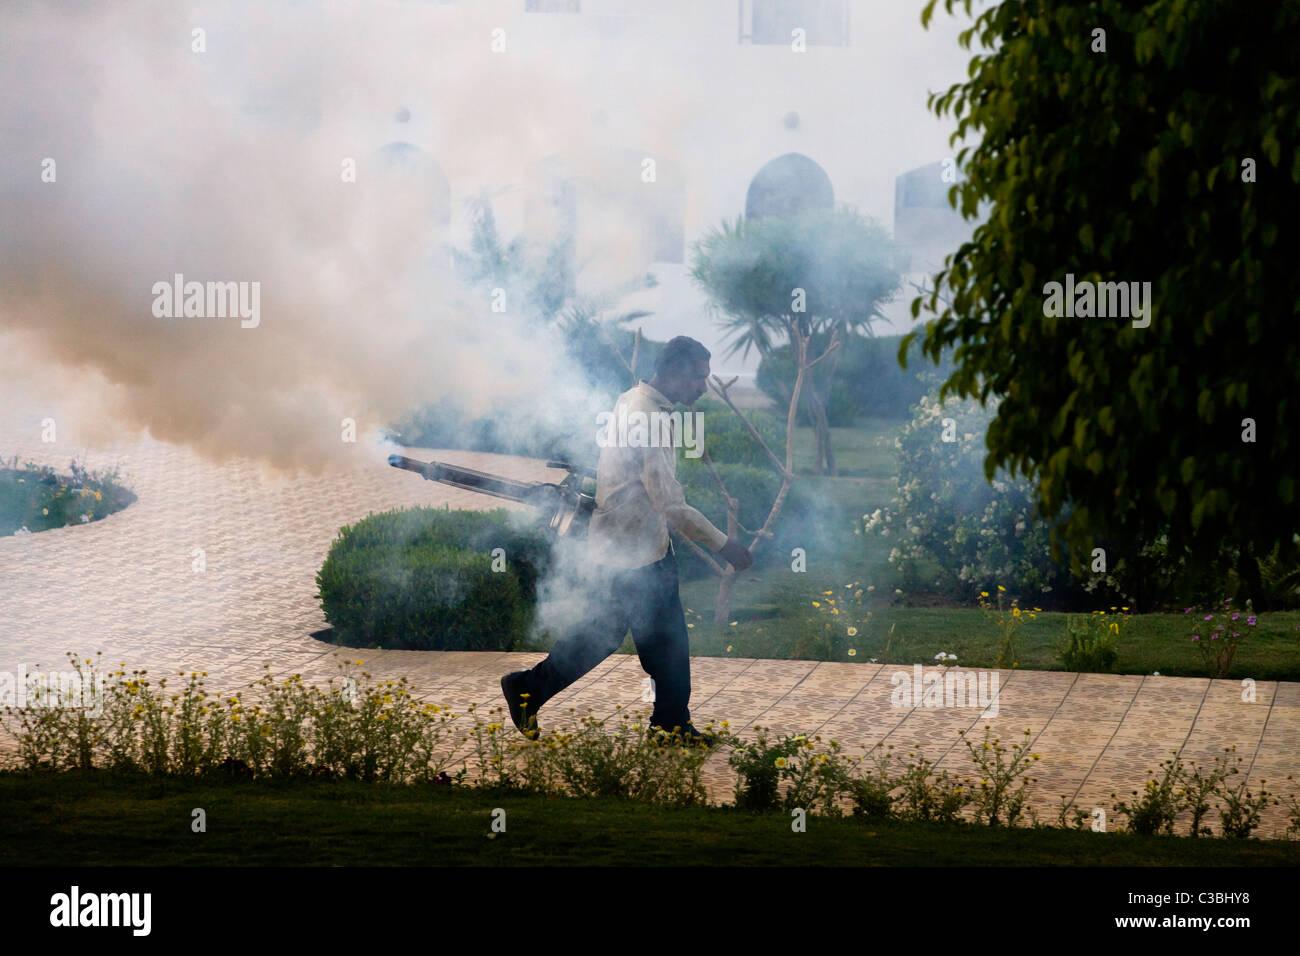 Al anochecer y al amanecer cada día, un hombre camina alrededor del complejo vacacional expulsando el humo Imagen De Stock